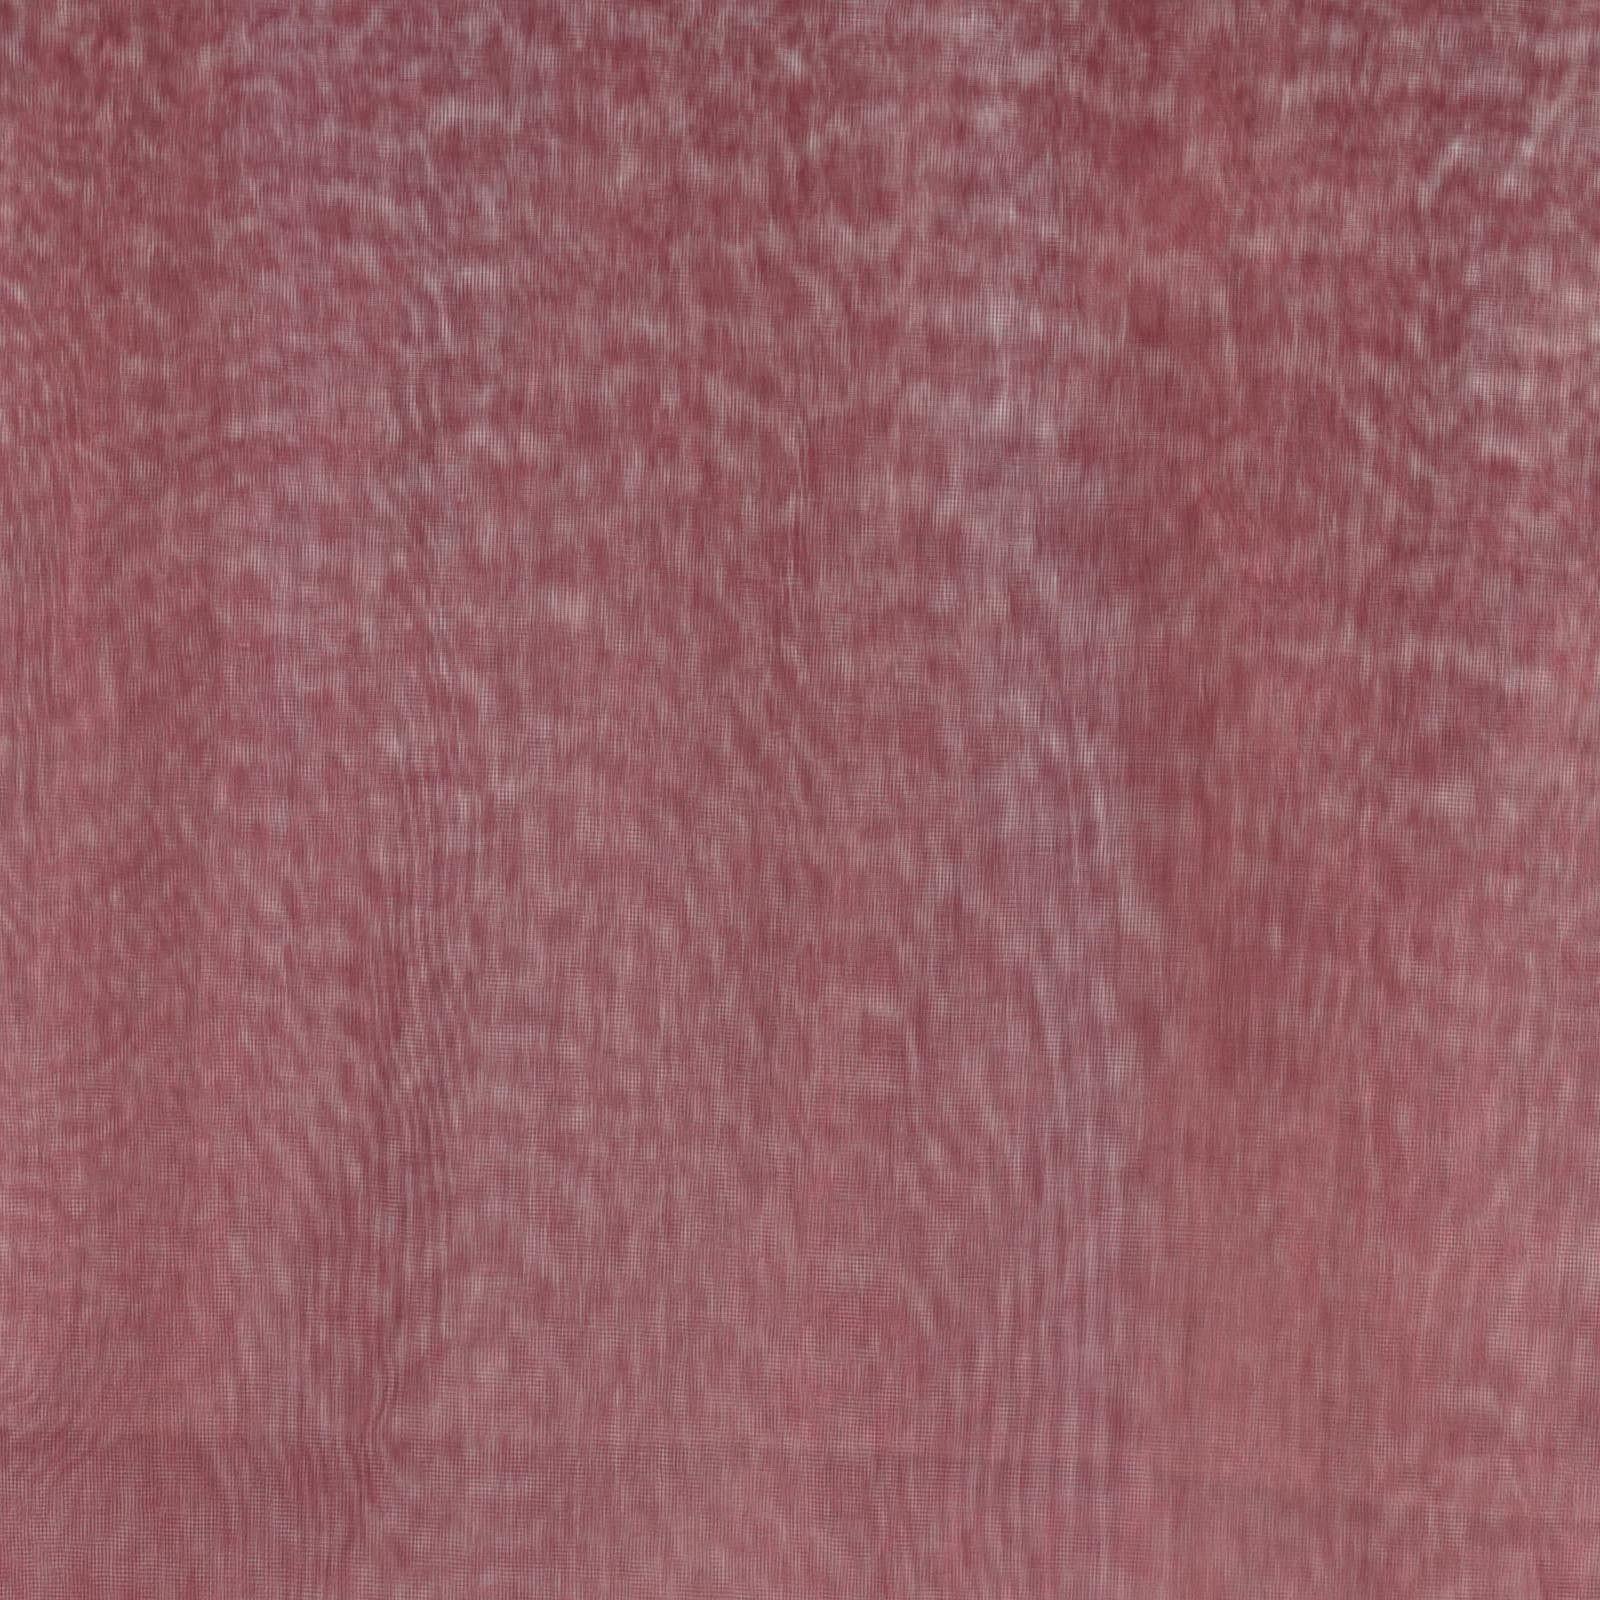 Schleifenband Organza burgundy